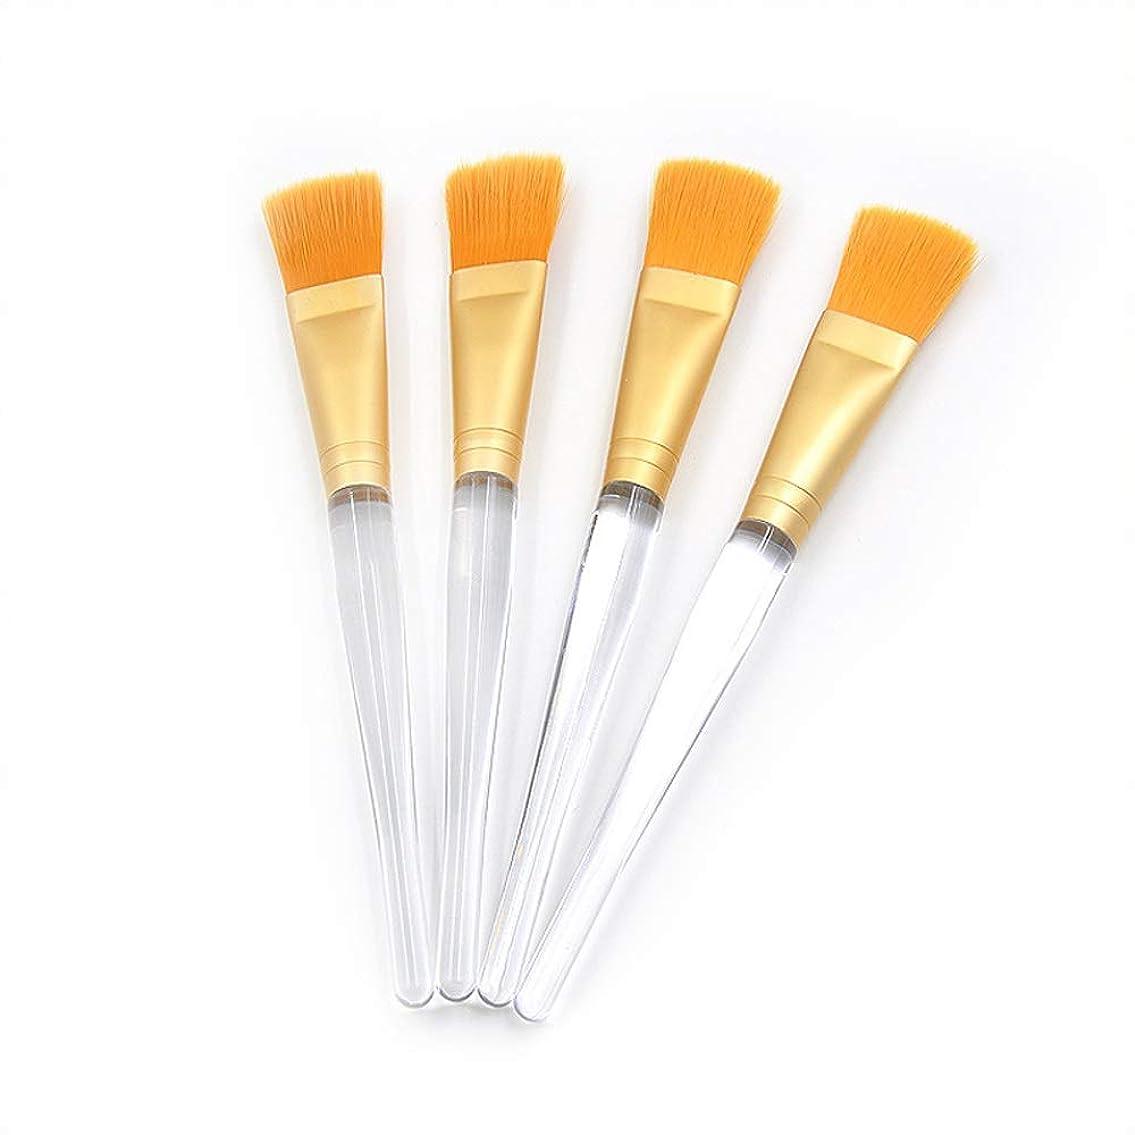 ワーカー製作思春期の化粧用品 ブラシDIY透明クリスタルプラスチックロッドメイクブラシ(4個)